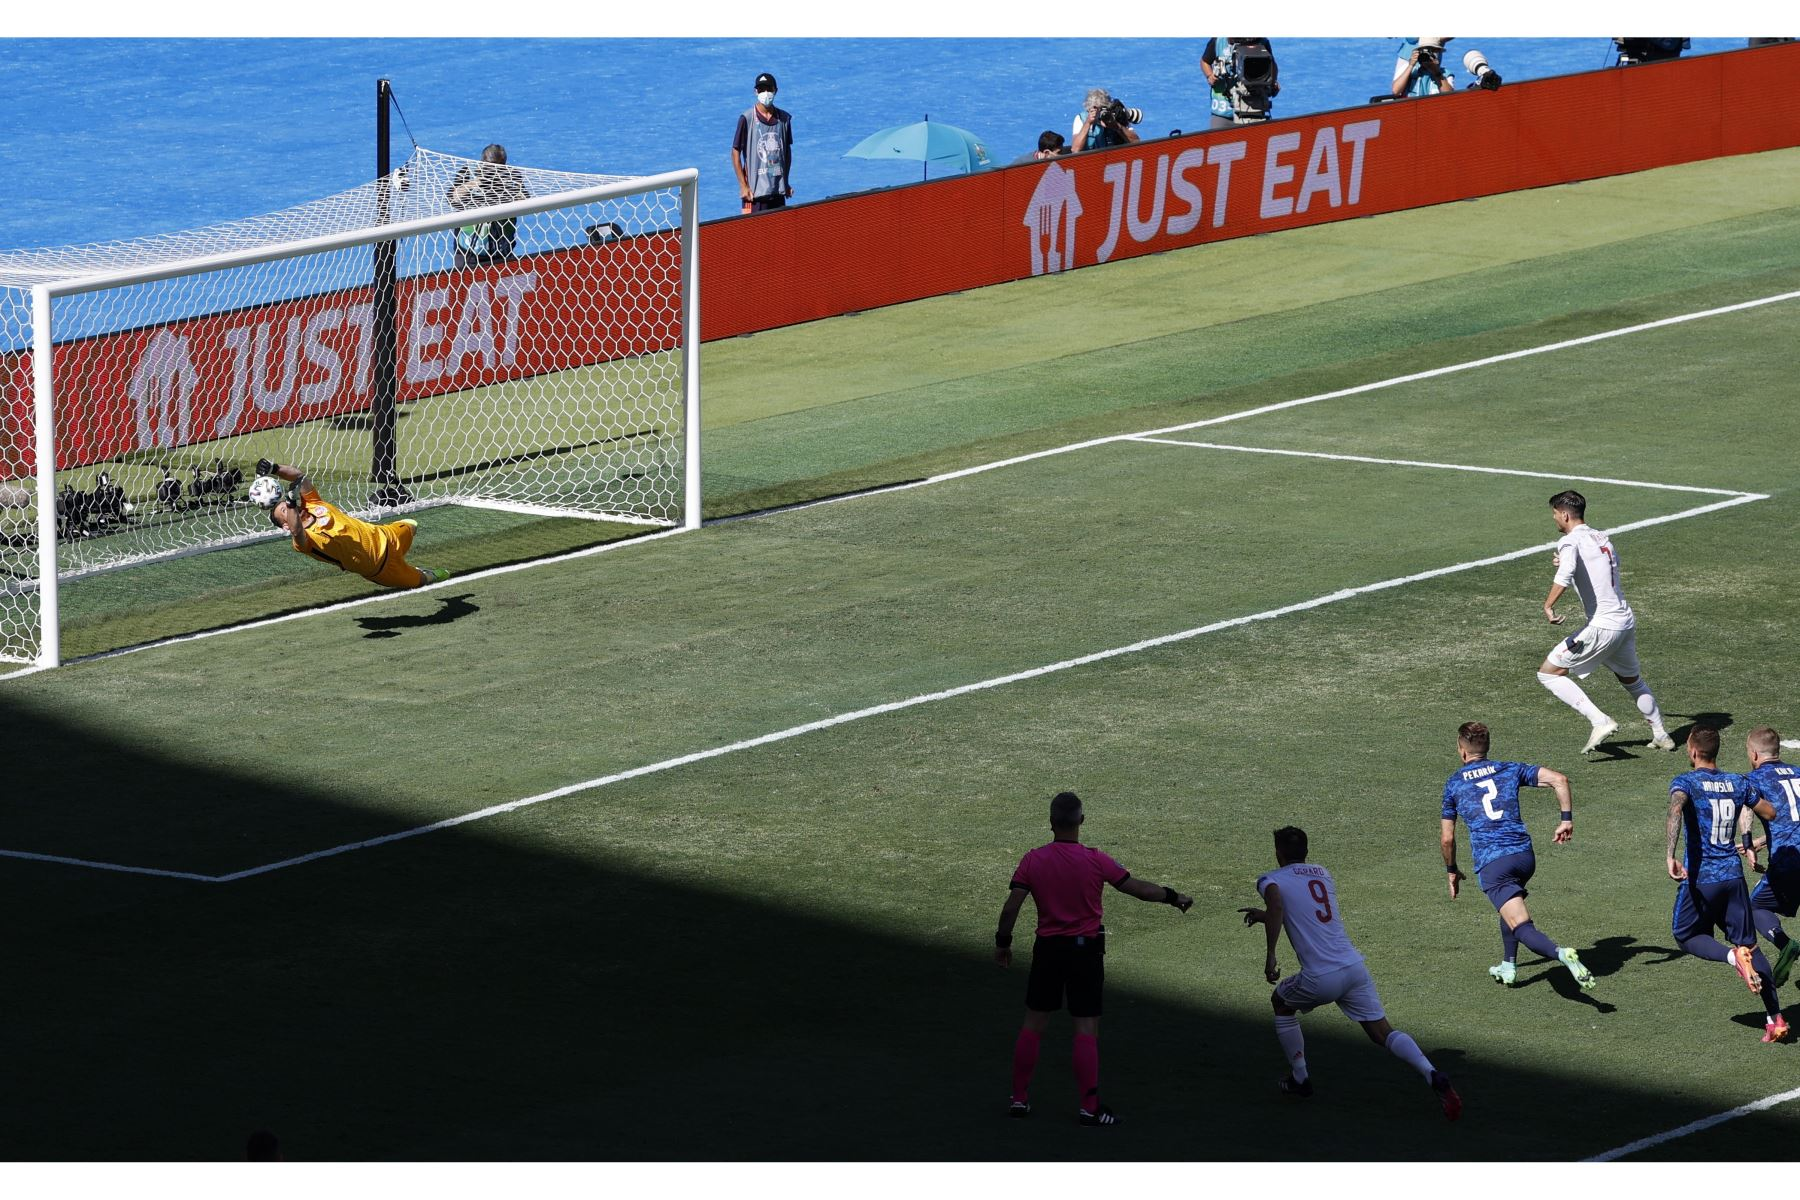 El portero Martin Dubravka de Eslovaquia ataja el penalti de Alvaro Morata de España durante el partido por el grupo E de la UEFA EURO, en Sevilla. Foto: EFE